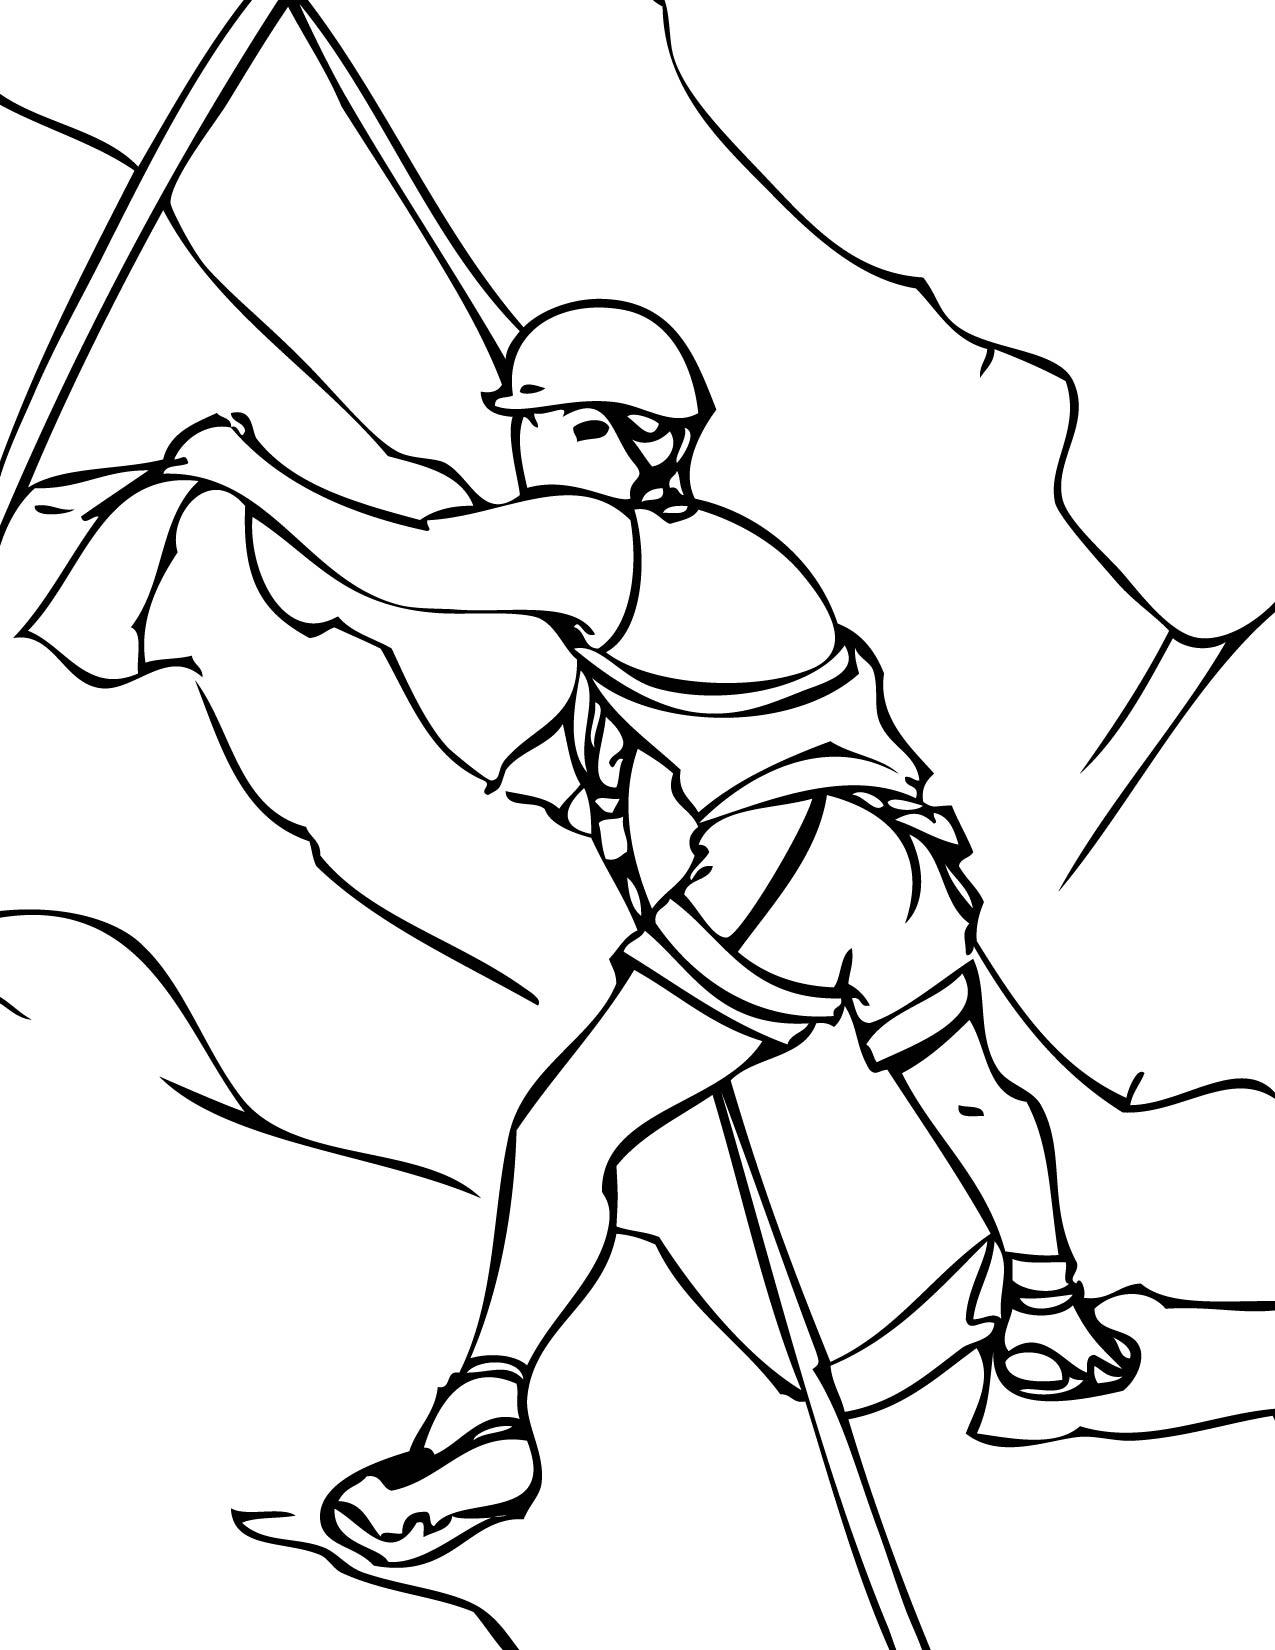 1275x1650 Climbing Coloring Page Vector Of A Cartoon Mountain Climber